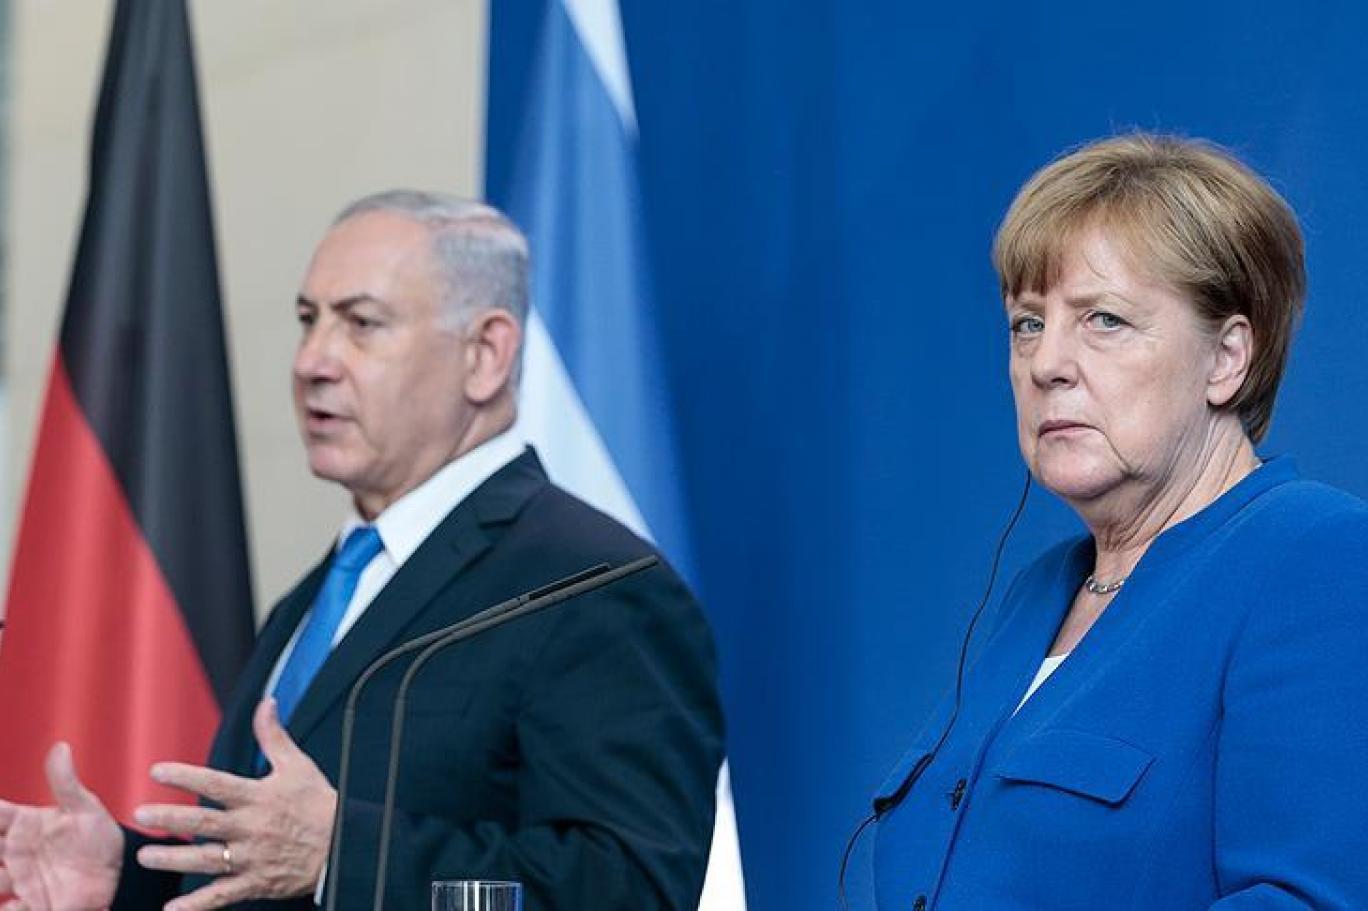 Netanyahu ile görüşen Merkel, Gazze'den İsrail'e yönelik füze saldırılarını  sert şekilde kınadı | Independent Türkçe